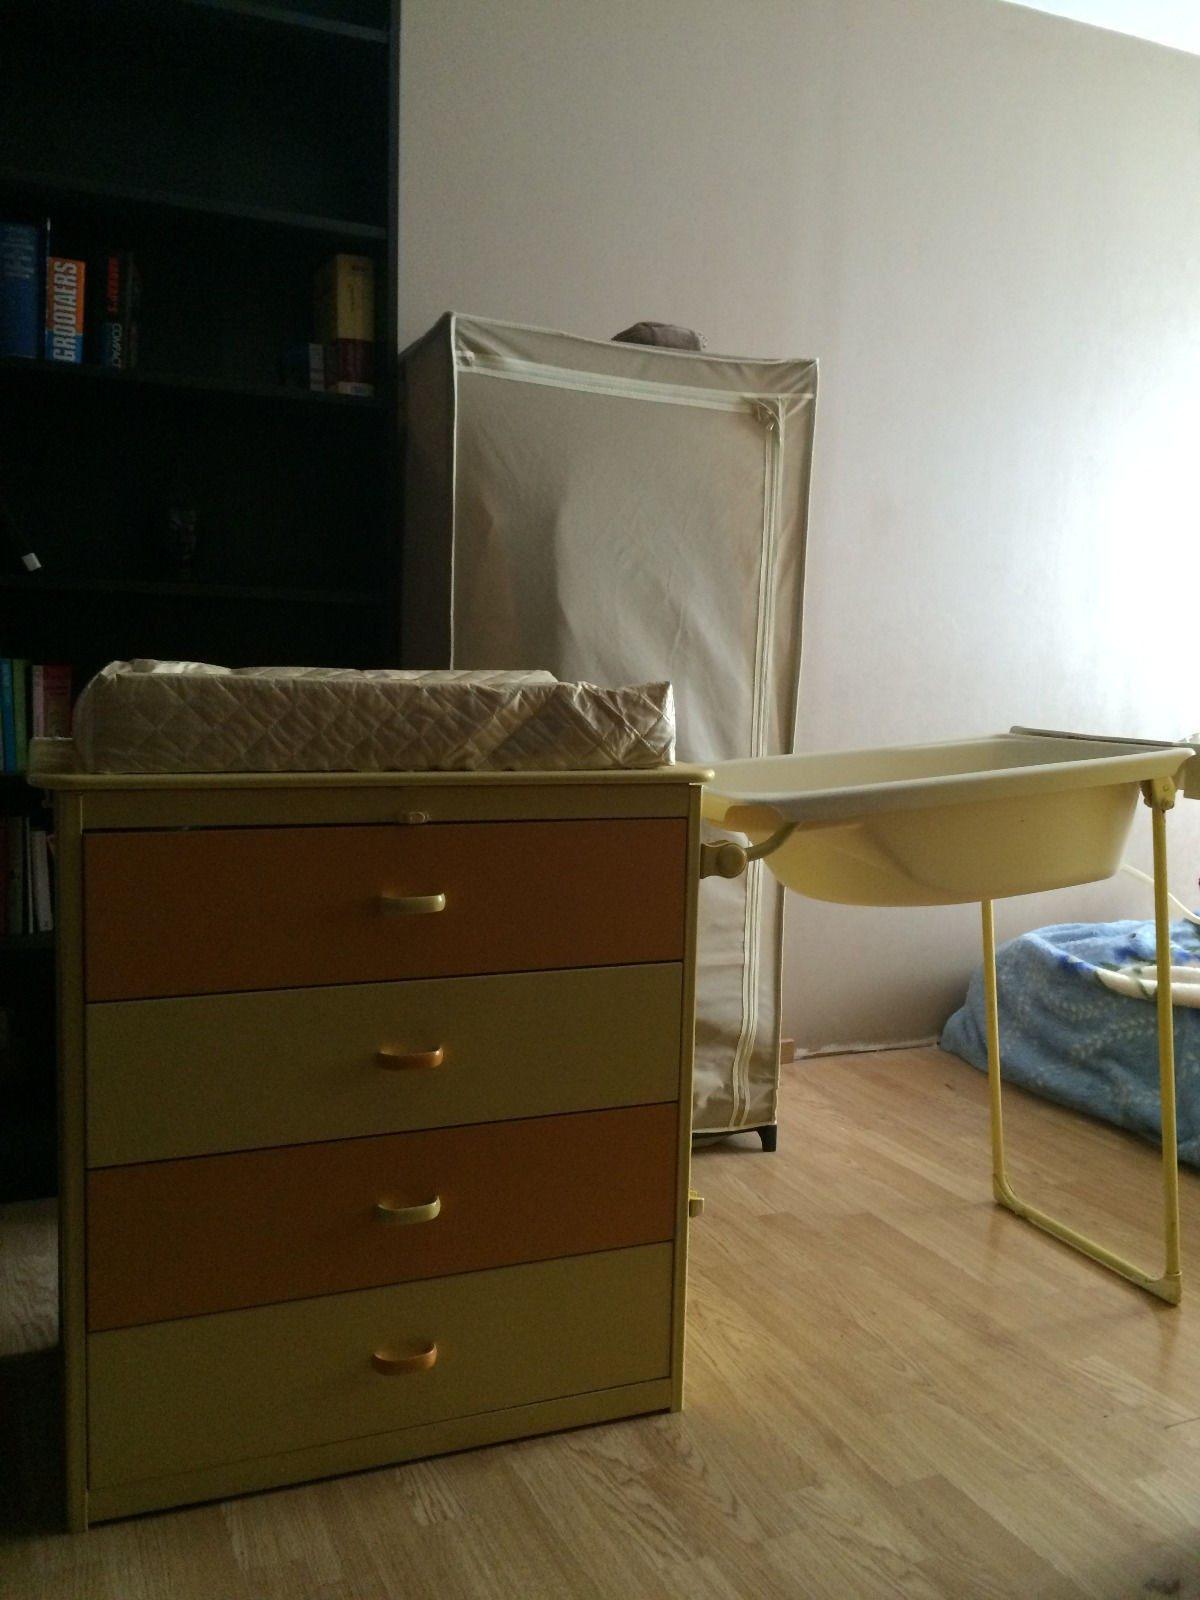 Lit Bébé Table à Langer Élégant Baignoire Ronde Bébé Best Table Langer Conforama Ides – Appiar